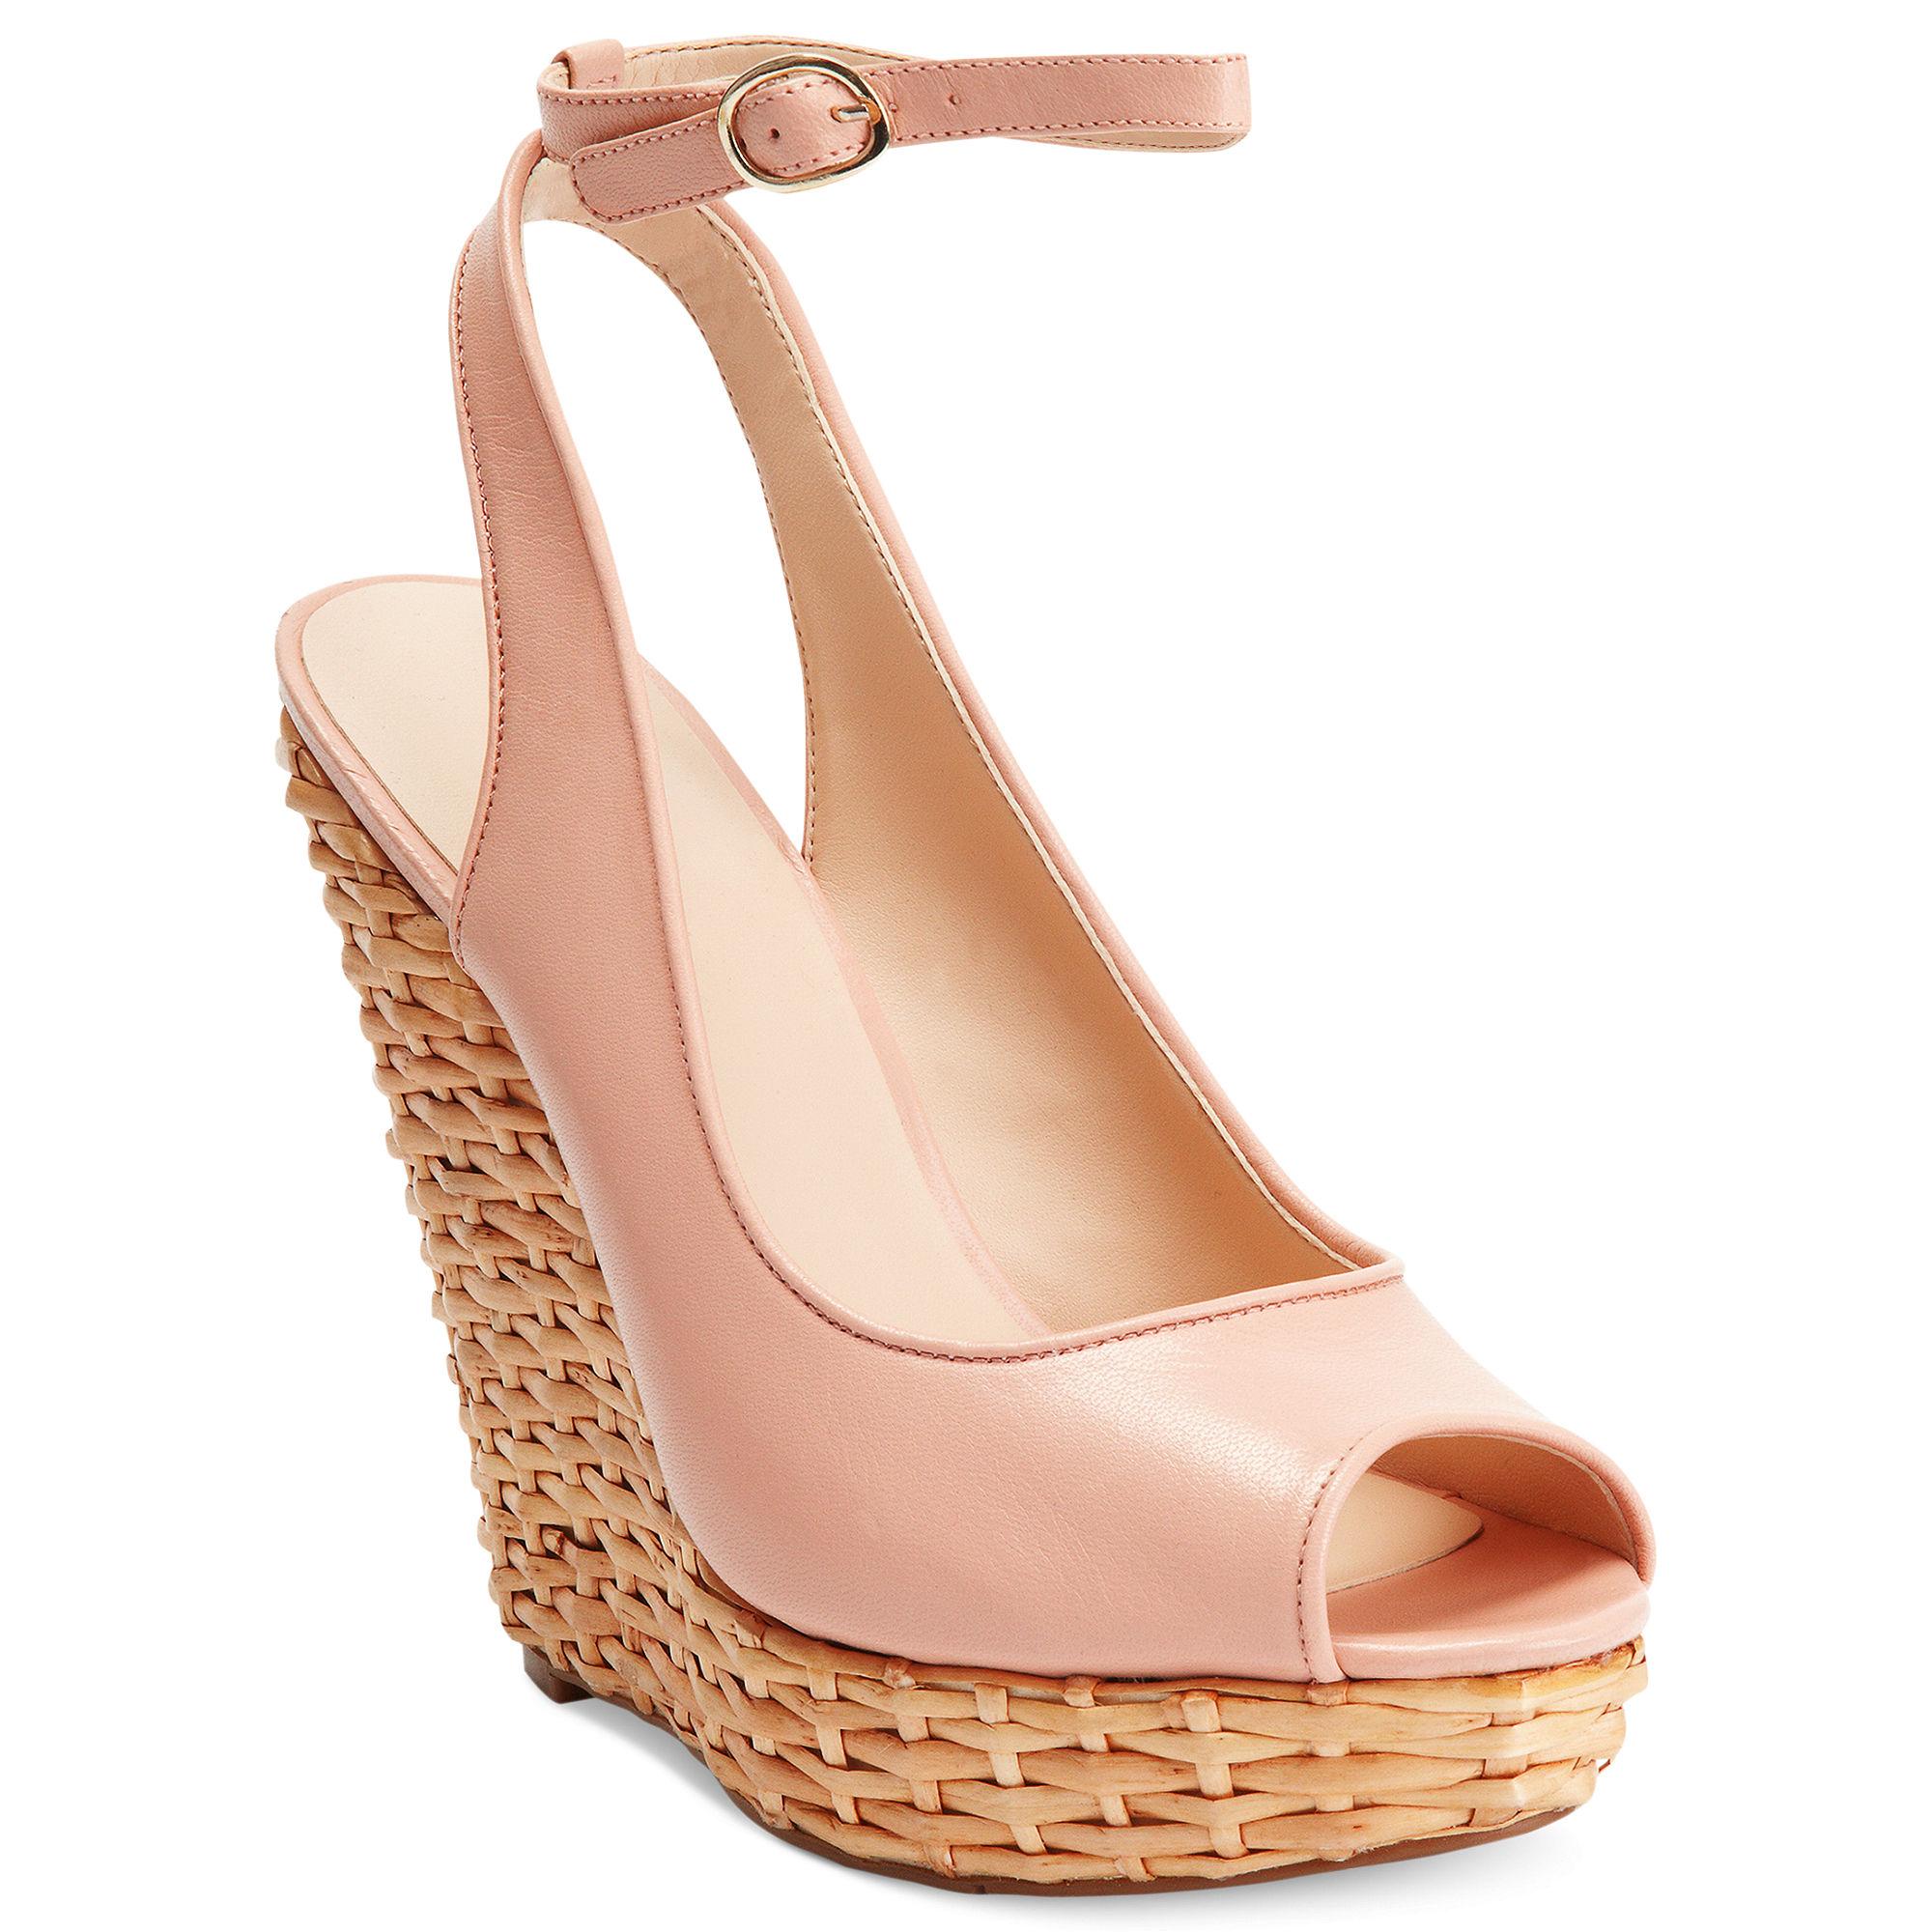 nine west karmic platform wedge sandals in pink light